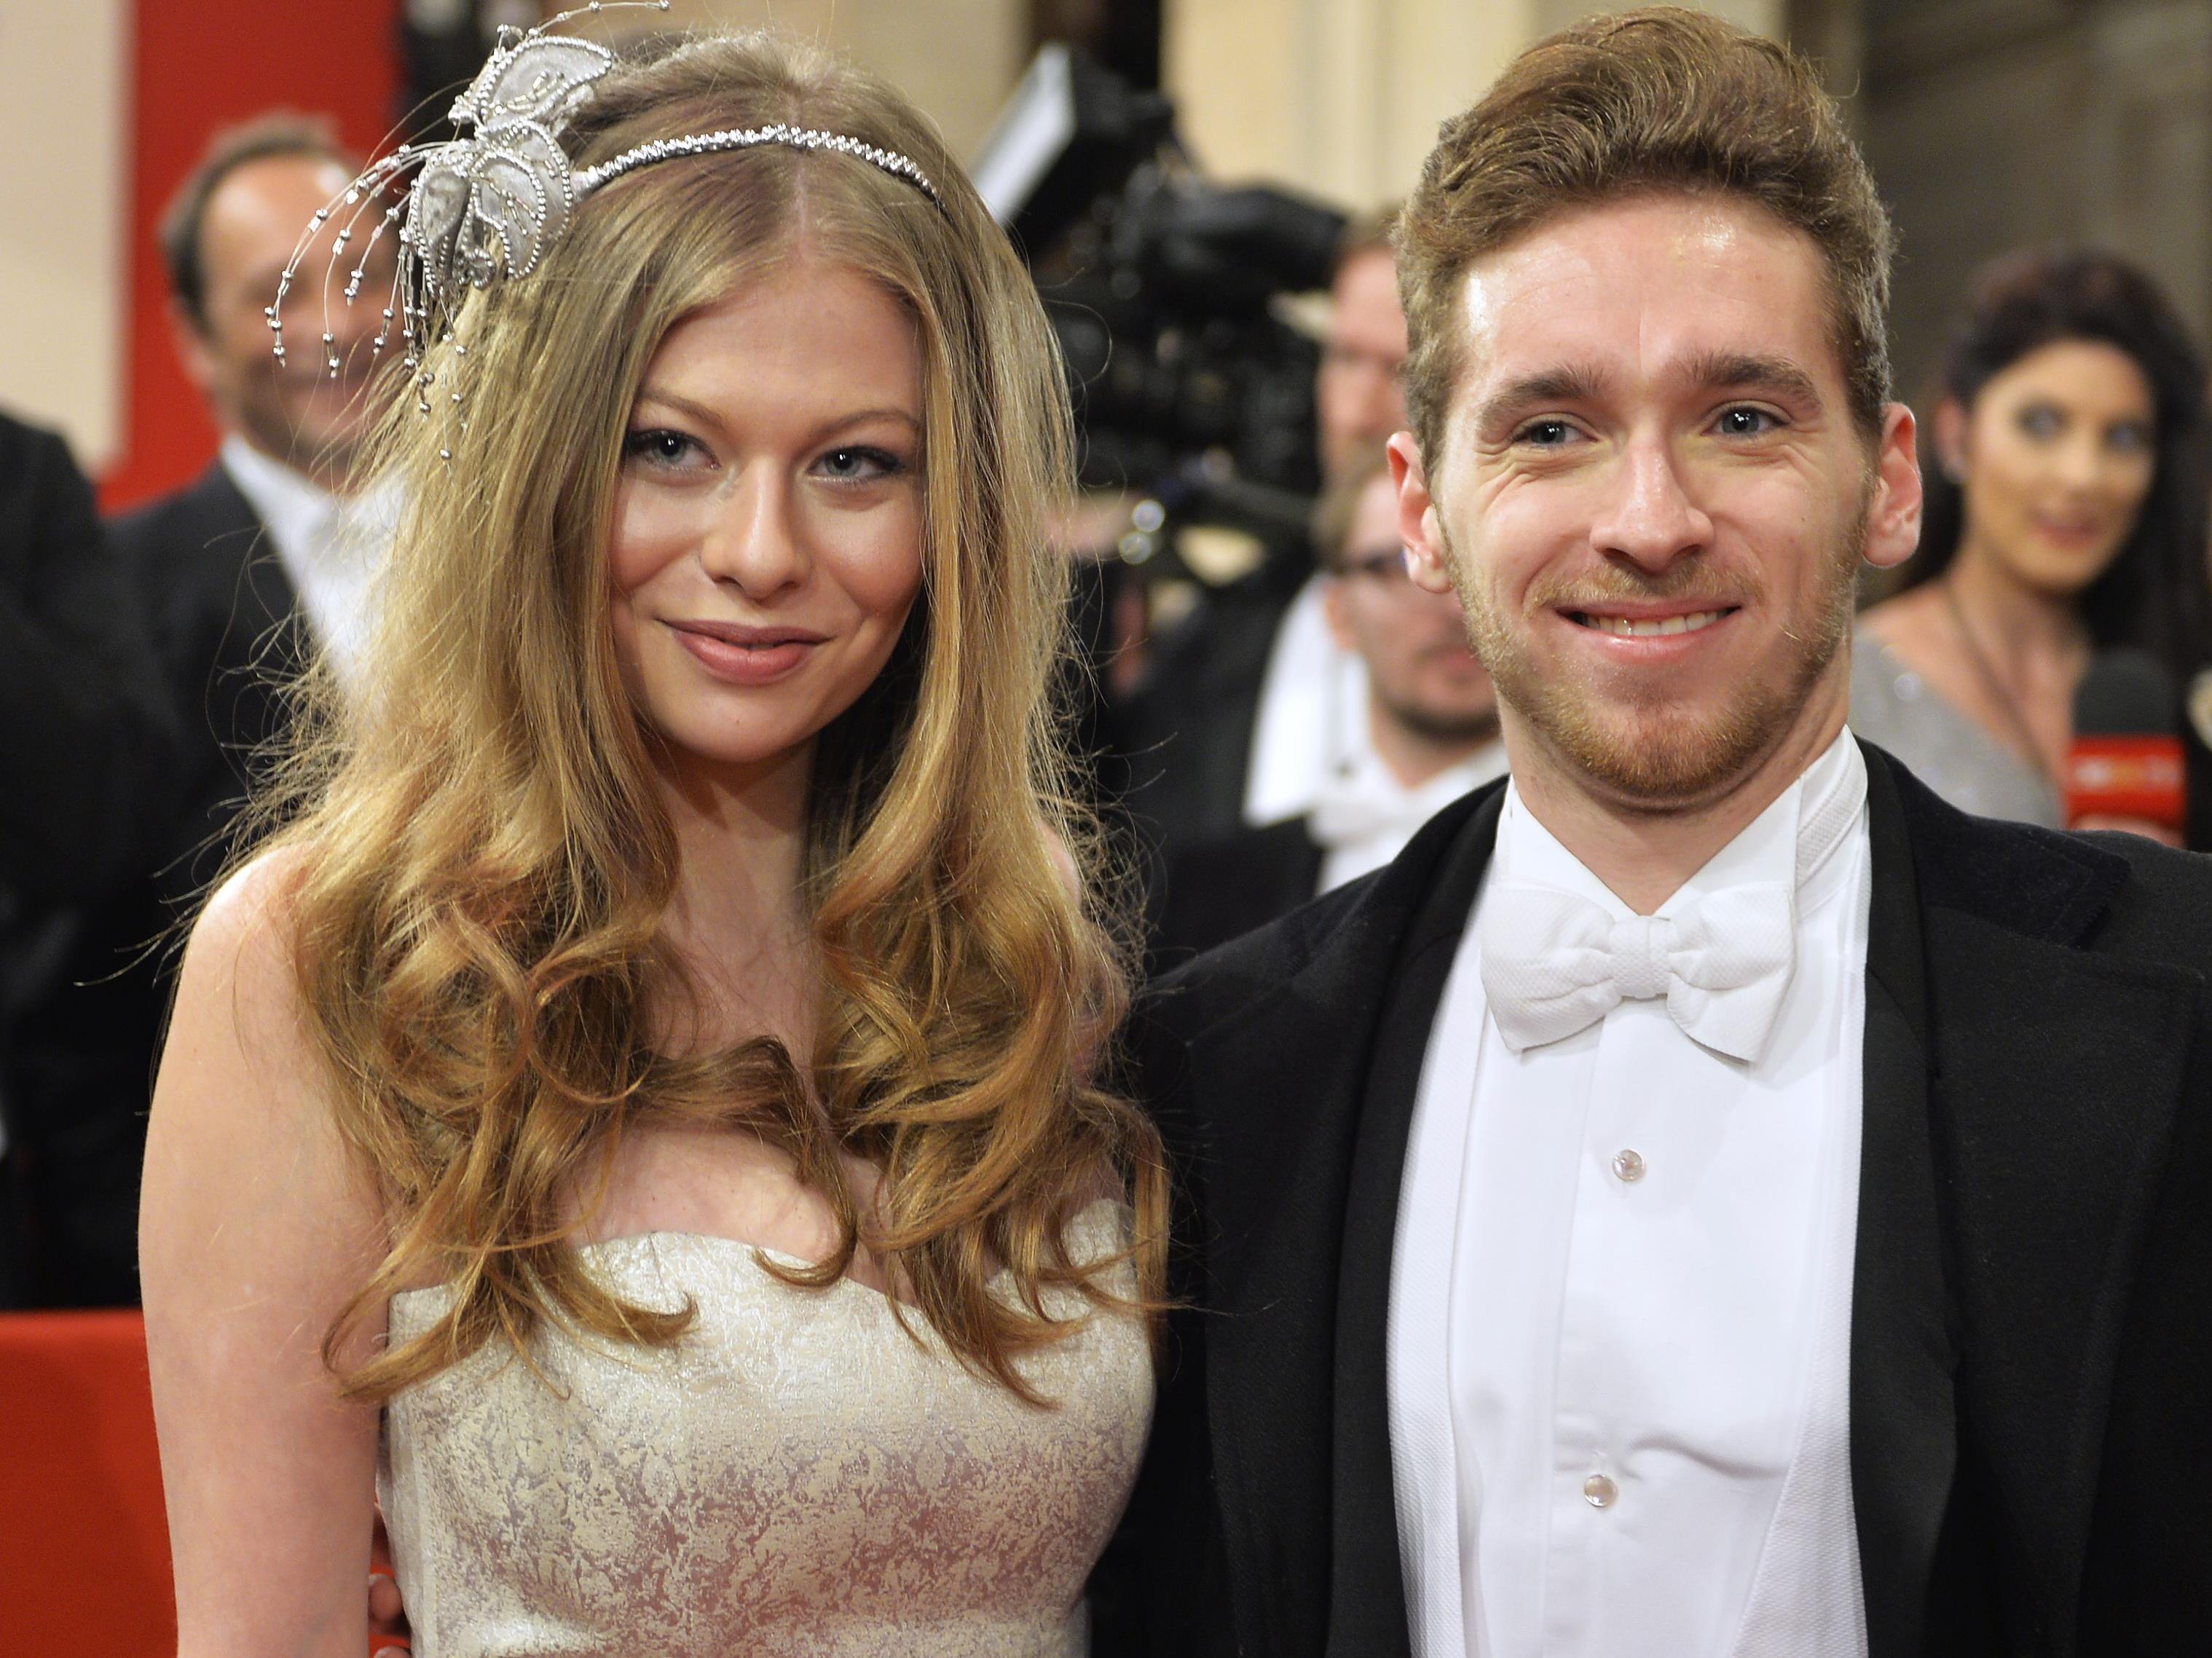 Sängerin Zoe Straub und Sänger Nathan Trent auf dem Red Carpet beim Wiener Opernball 2017.